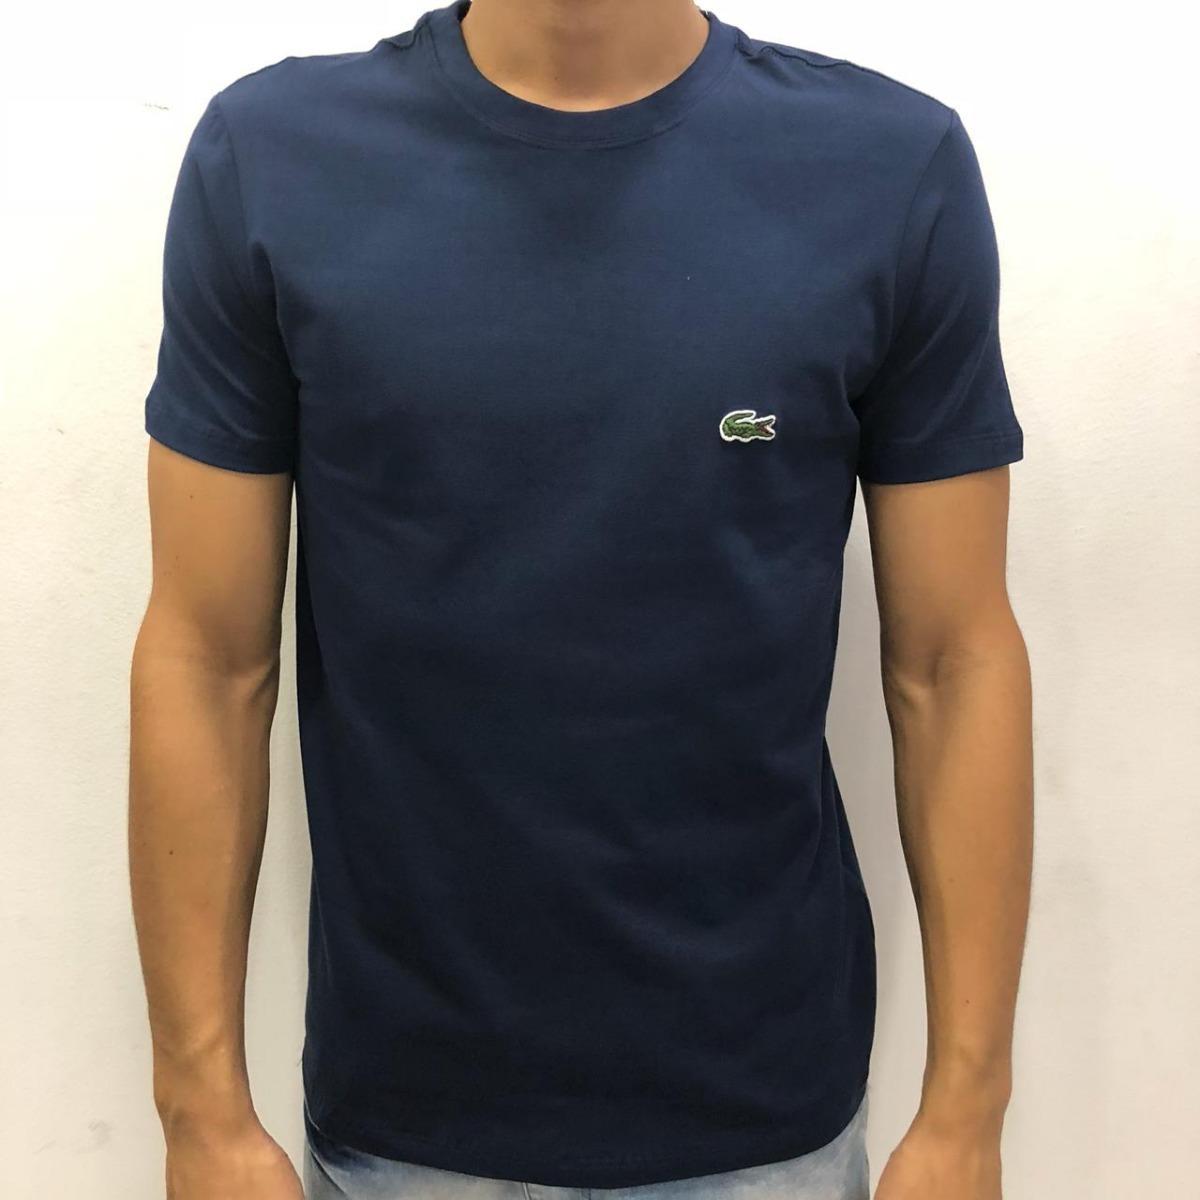 Camisetas Lacoste  afe5c697c23